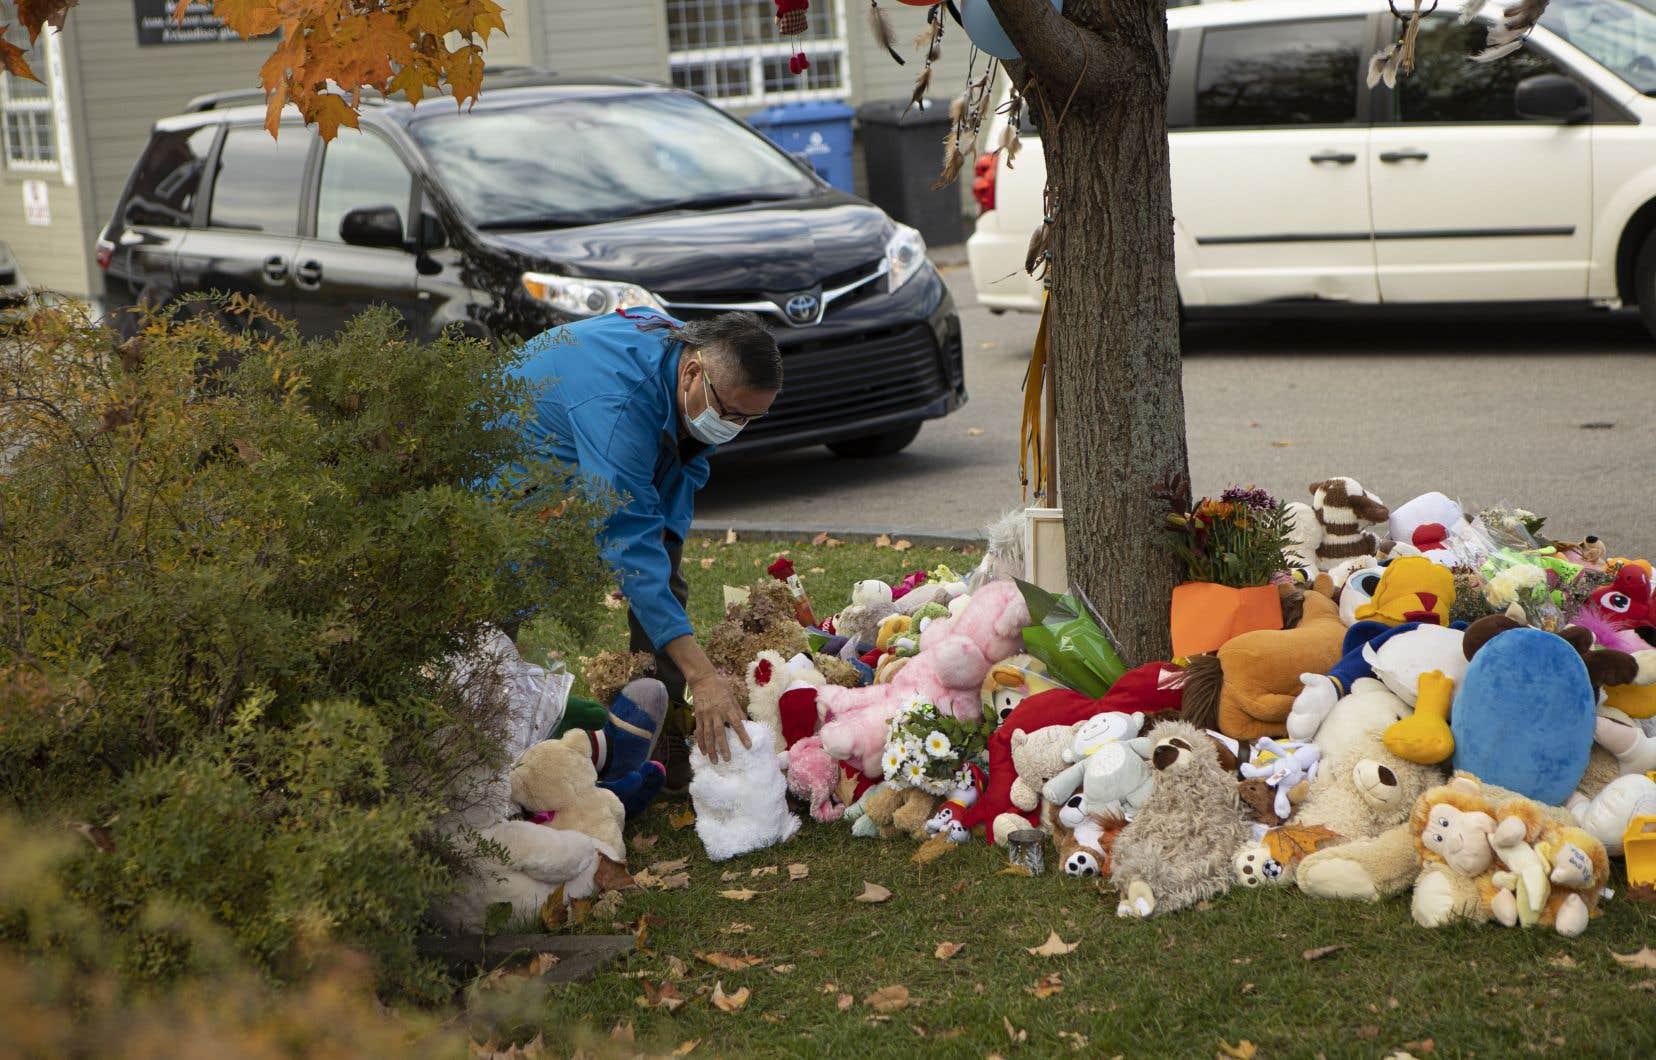 Un homme vient déposer un jouet en peluche sur les lieux du drame, survenu à Wendake en octobre 2020.